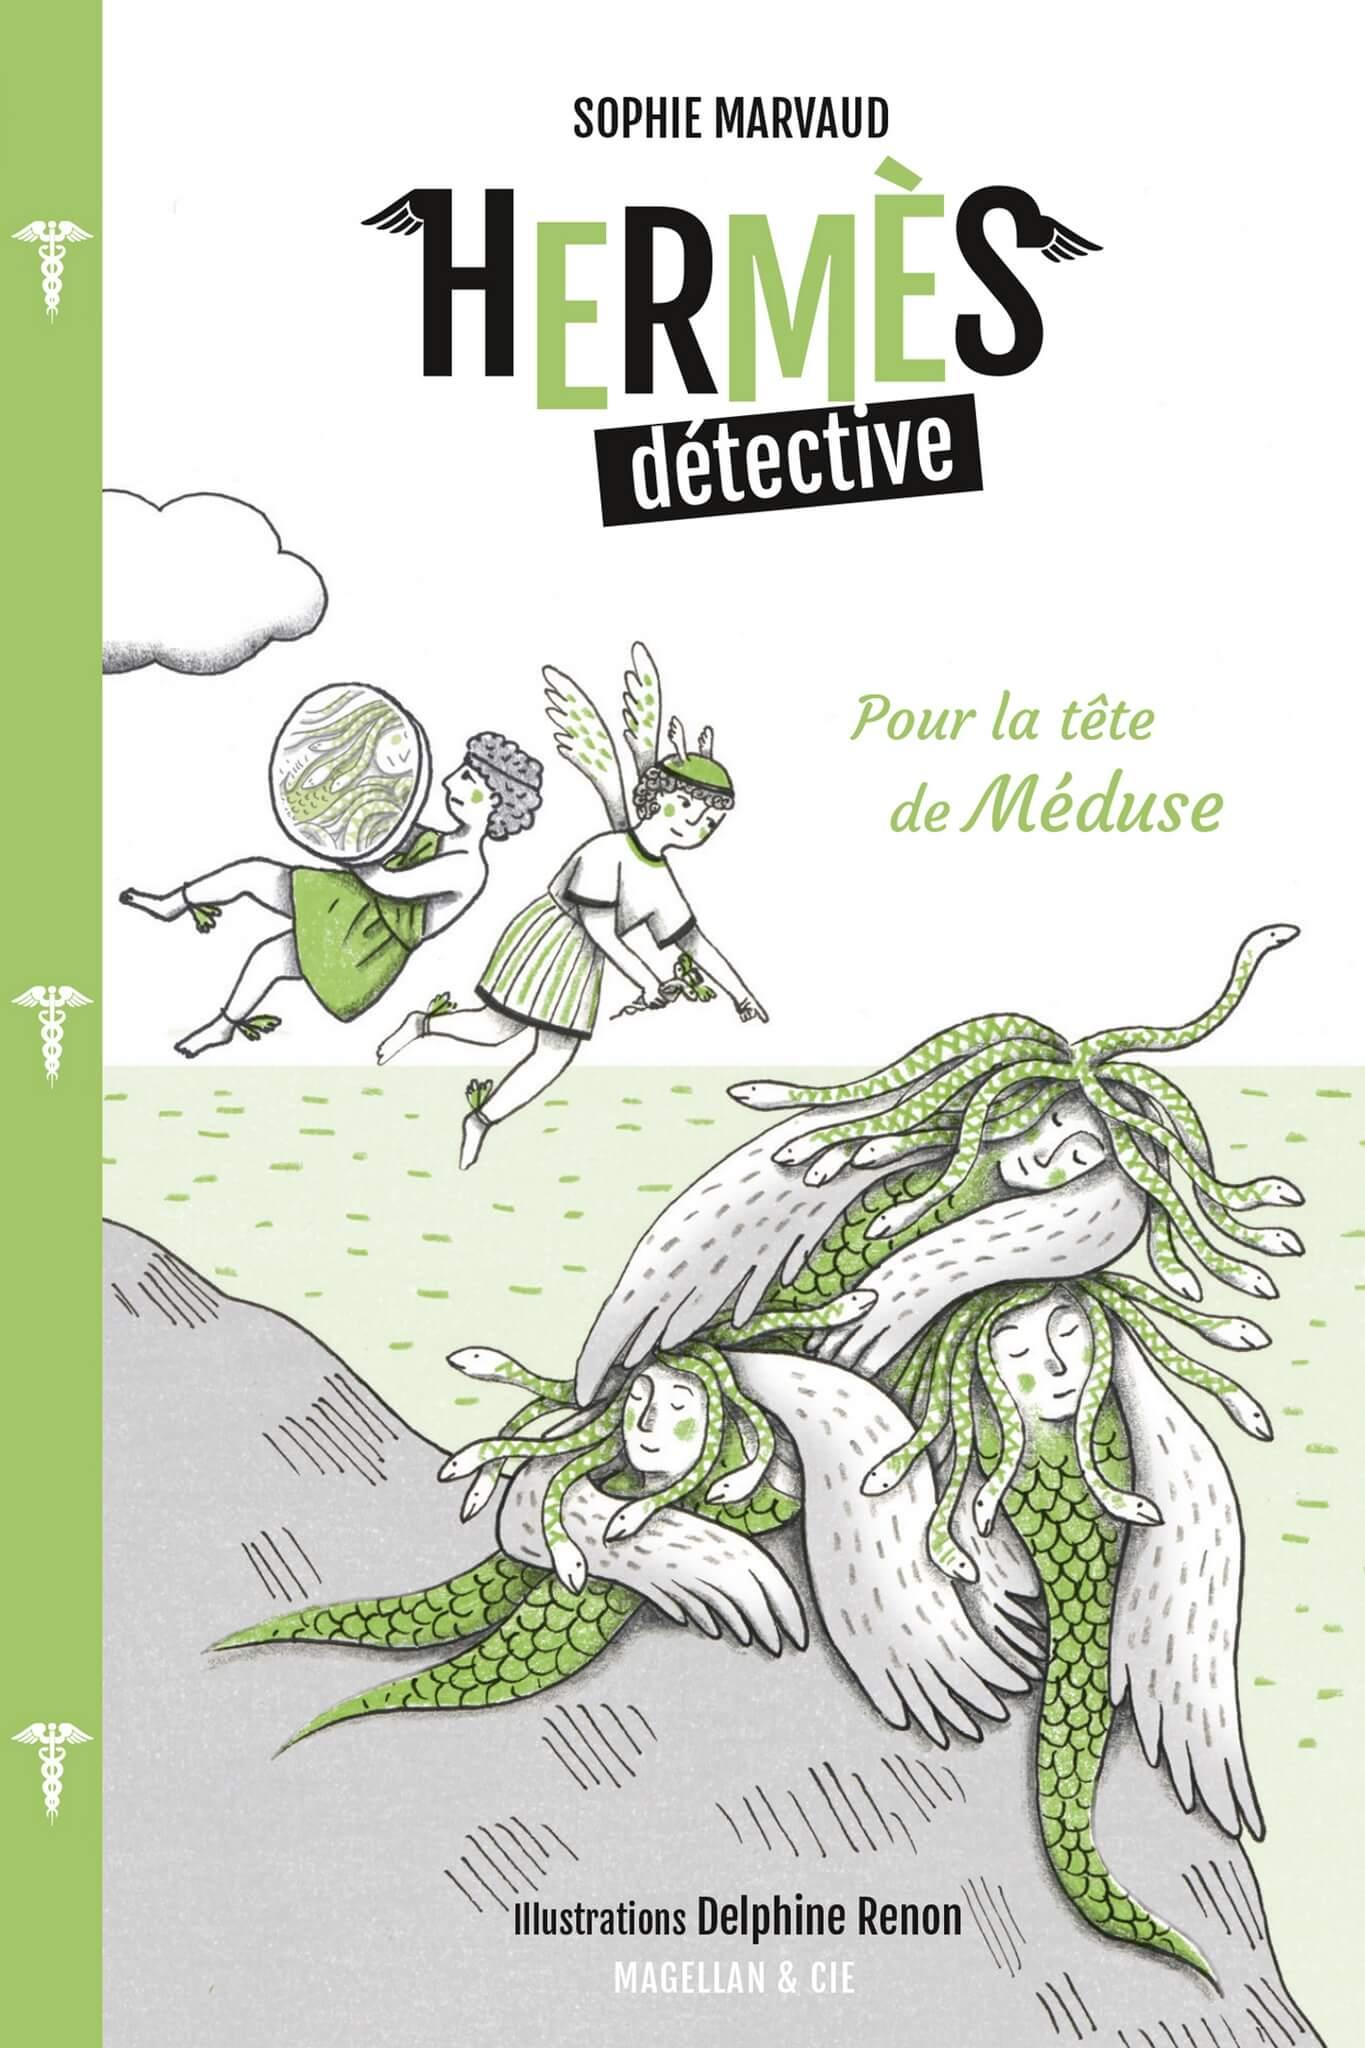 Hermès Détective, Tome 4 - Pour la tête de Méduse - Couverture Livre - Collection Miniatures - Éditions Magellan & Cie